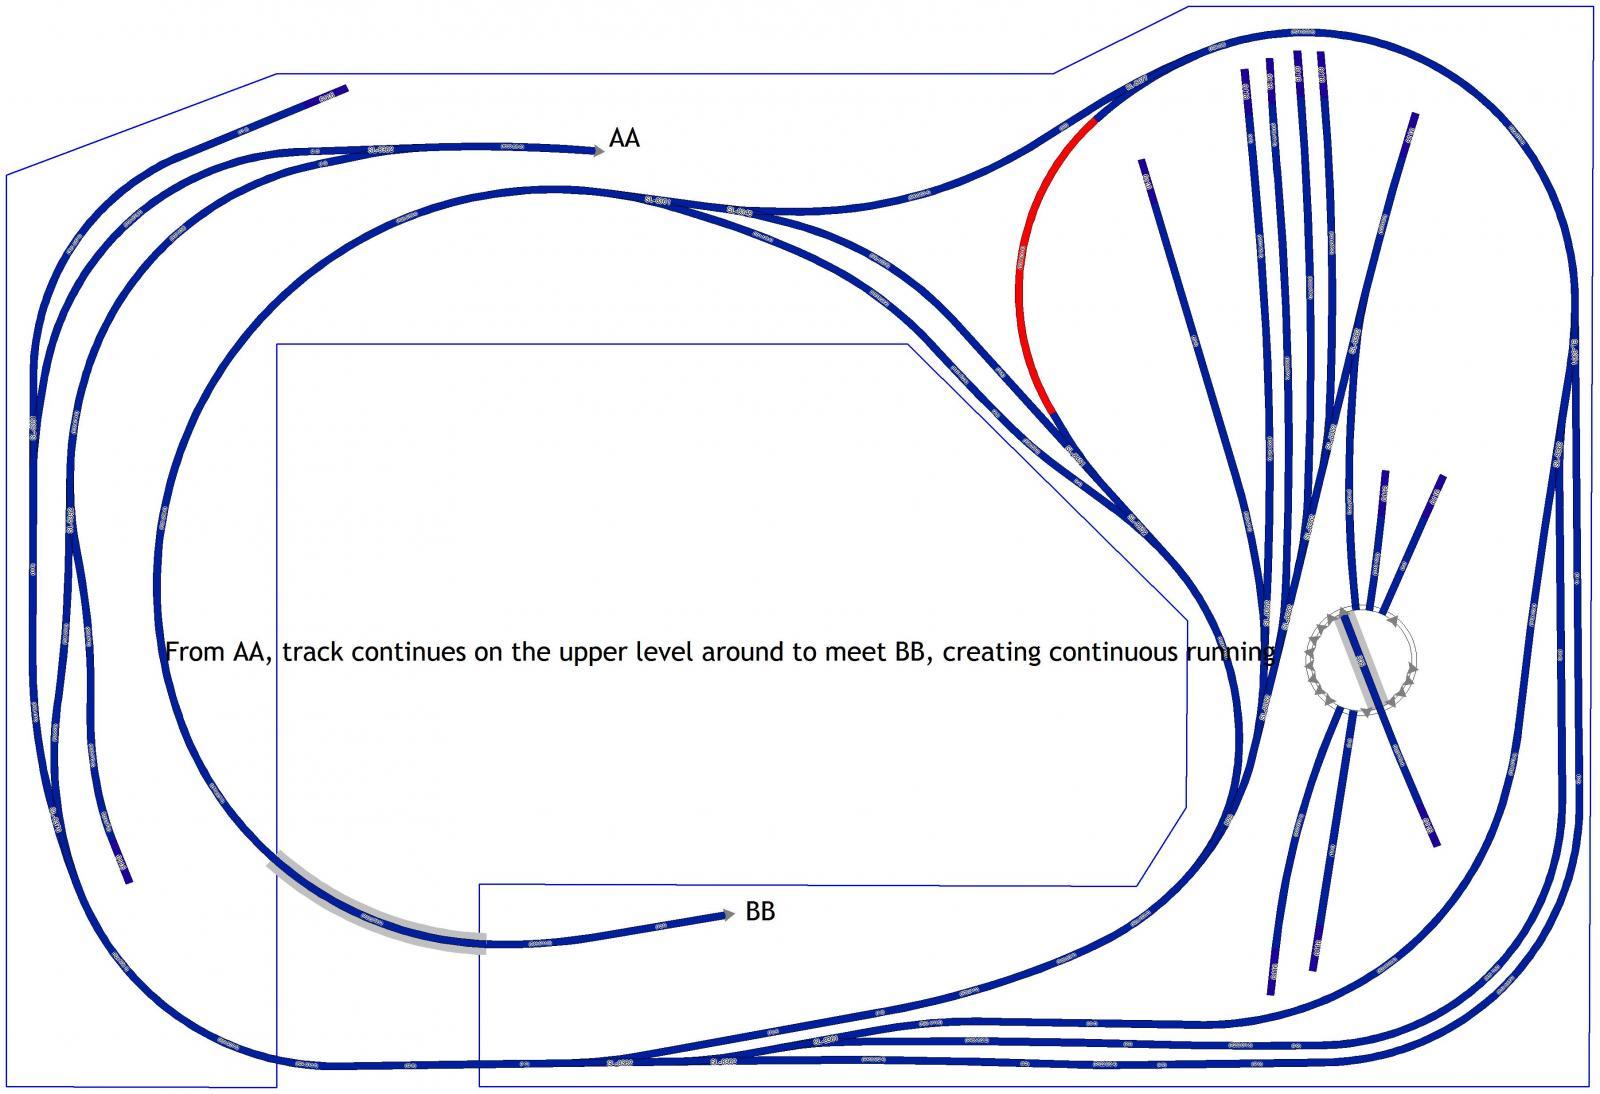 reverse loop plus wye in dcc wiring. Black Bedroom Furniture Sets. Home Design Ideas